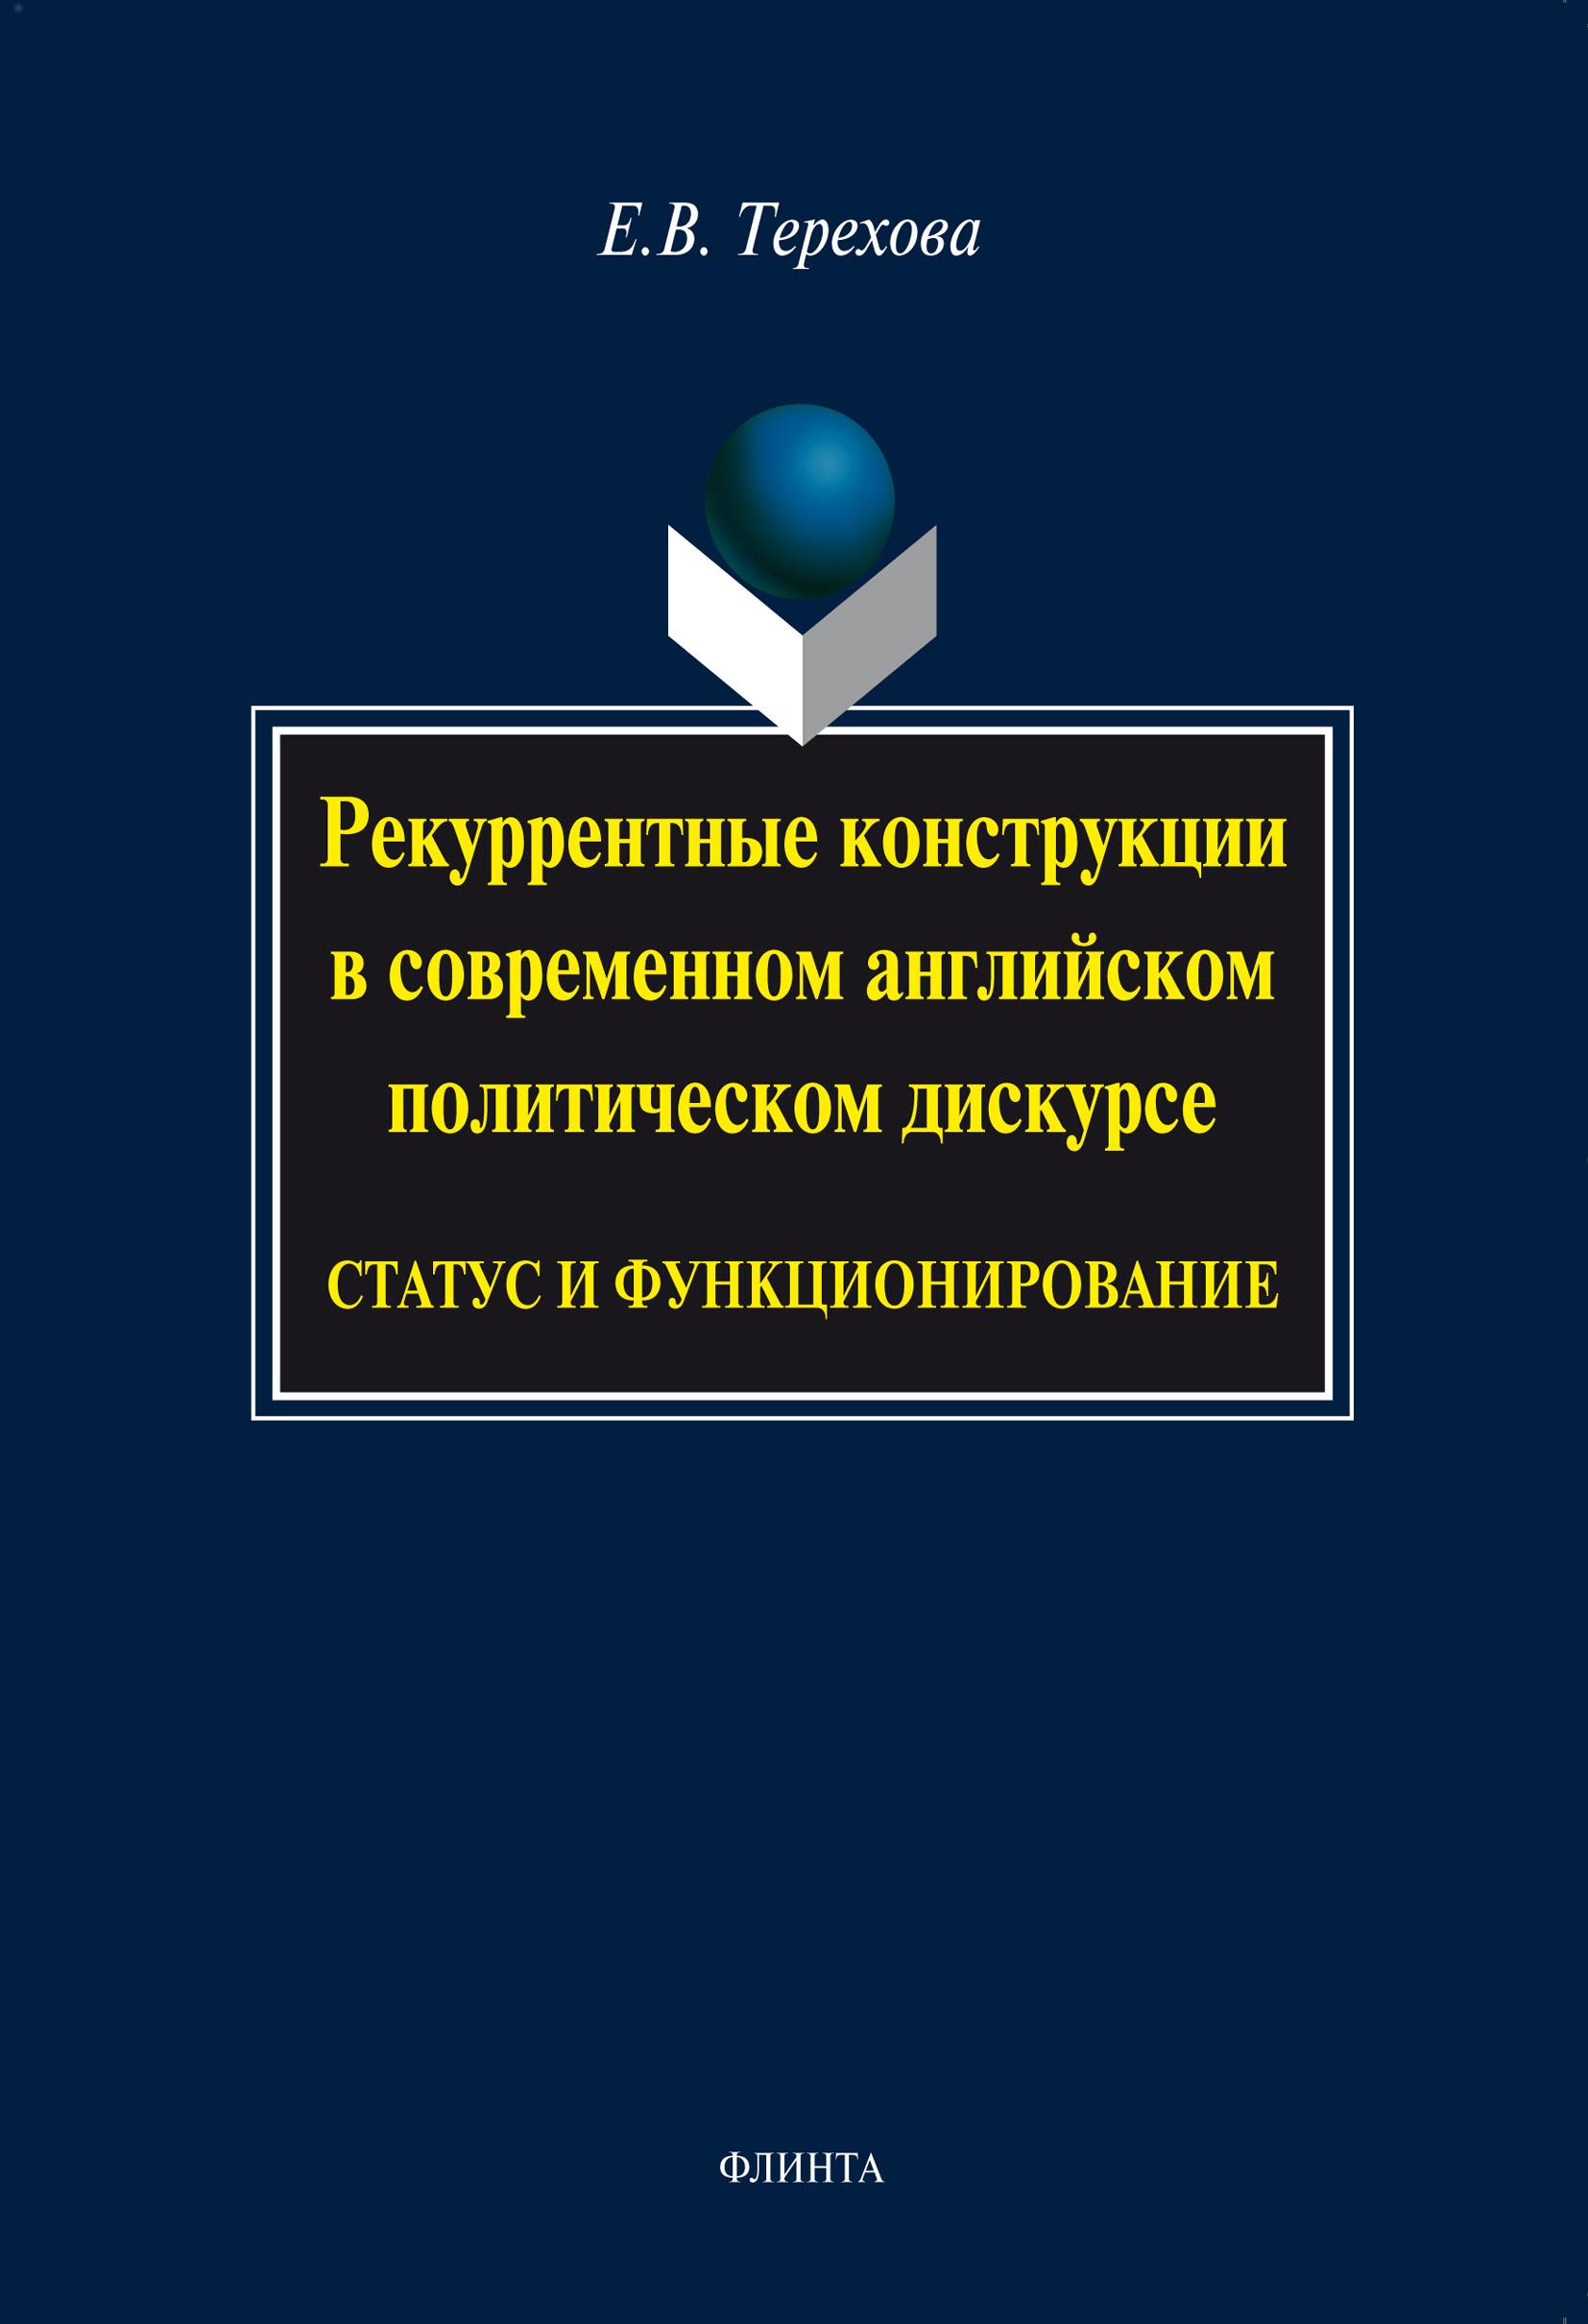 Е. В. Терехова Рекуррентные конструкции в современном английском политическом дискурсе: статус и функционирование